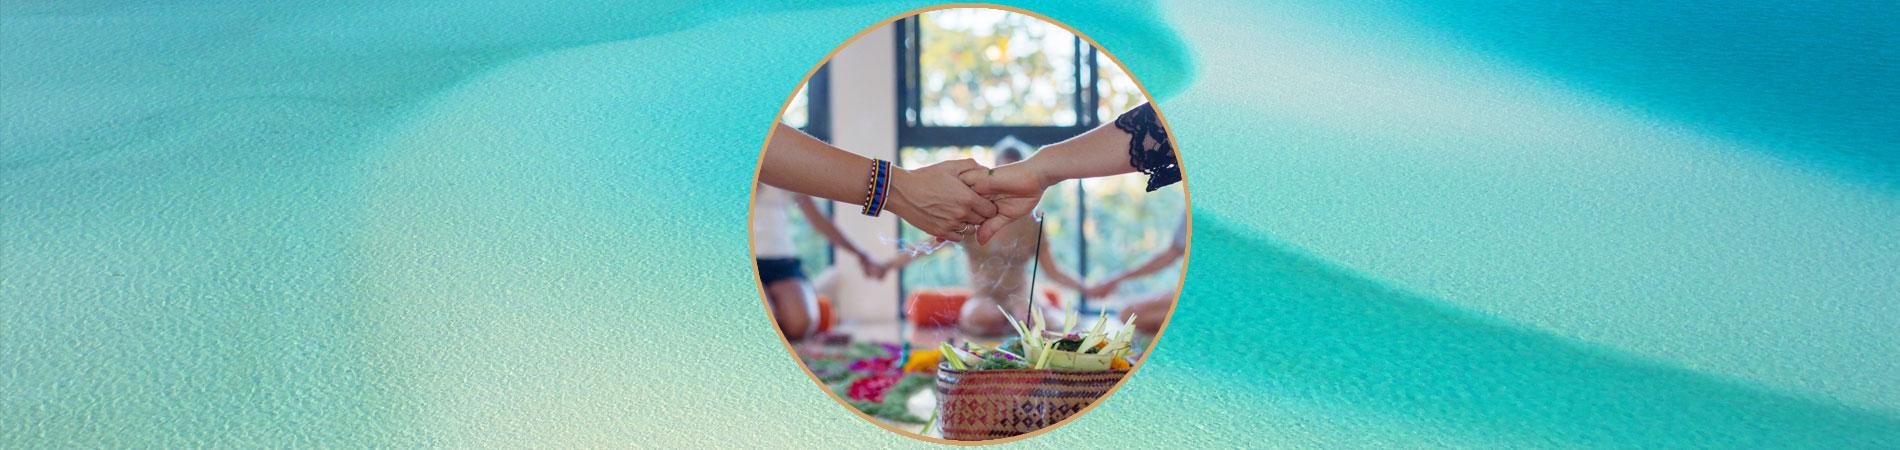 yoga retreats queesland